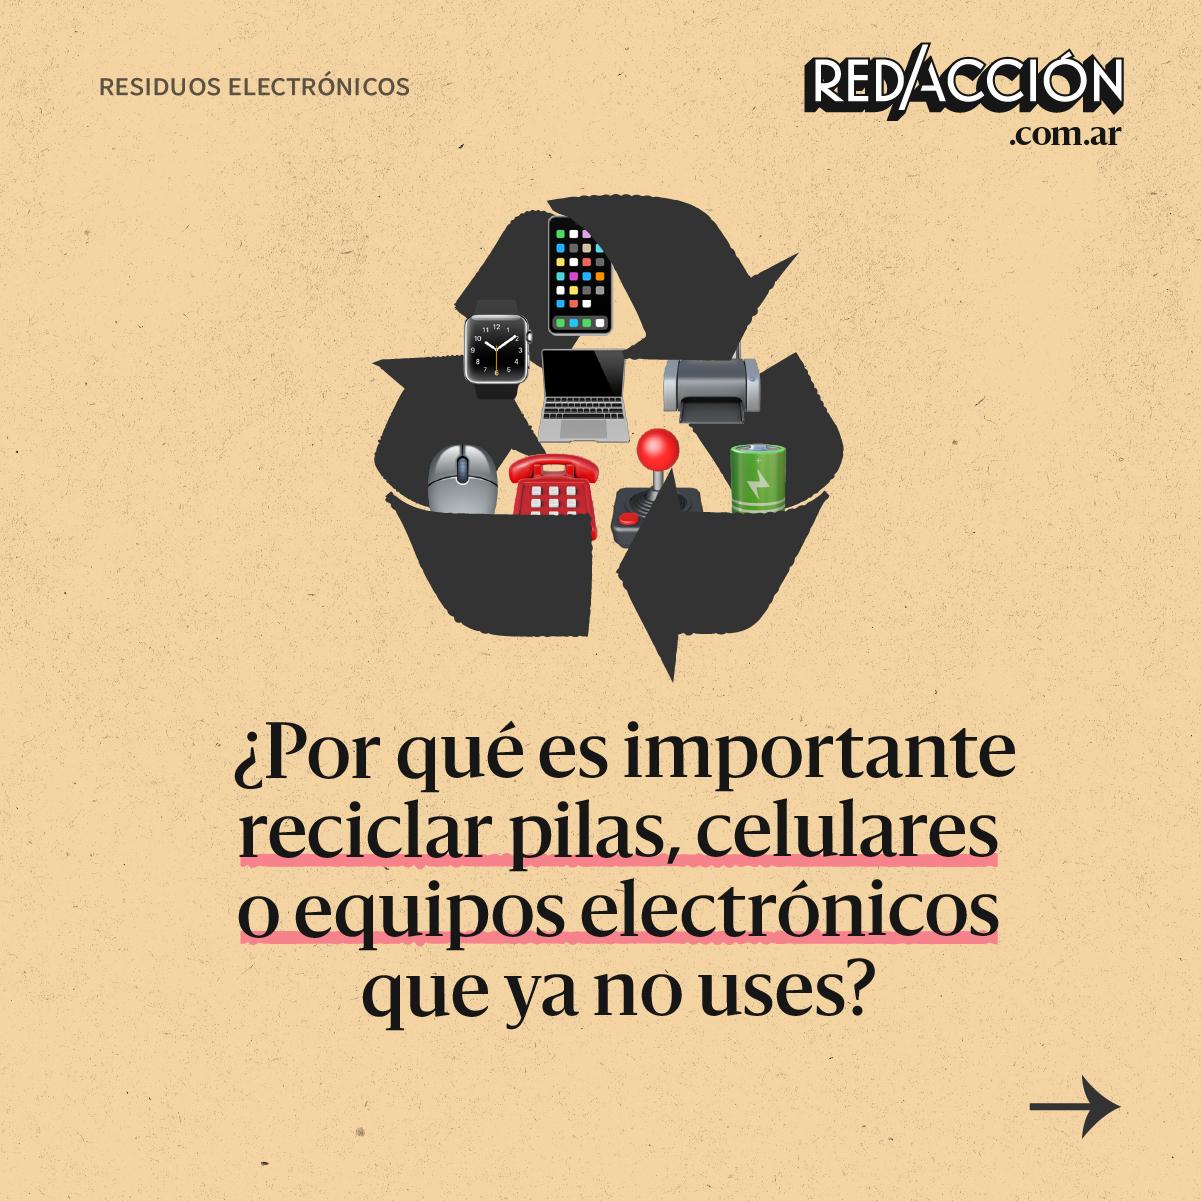 Por qué debemos reciclar equipos electrónicos y dónde podemos hacerlo